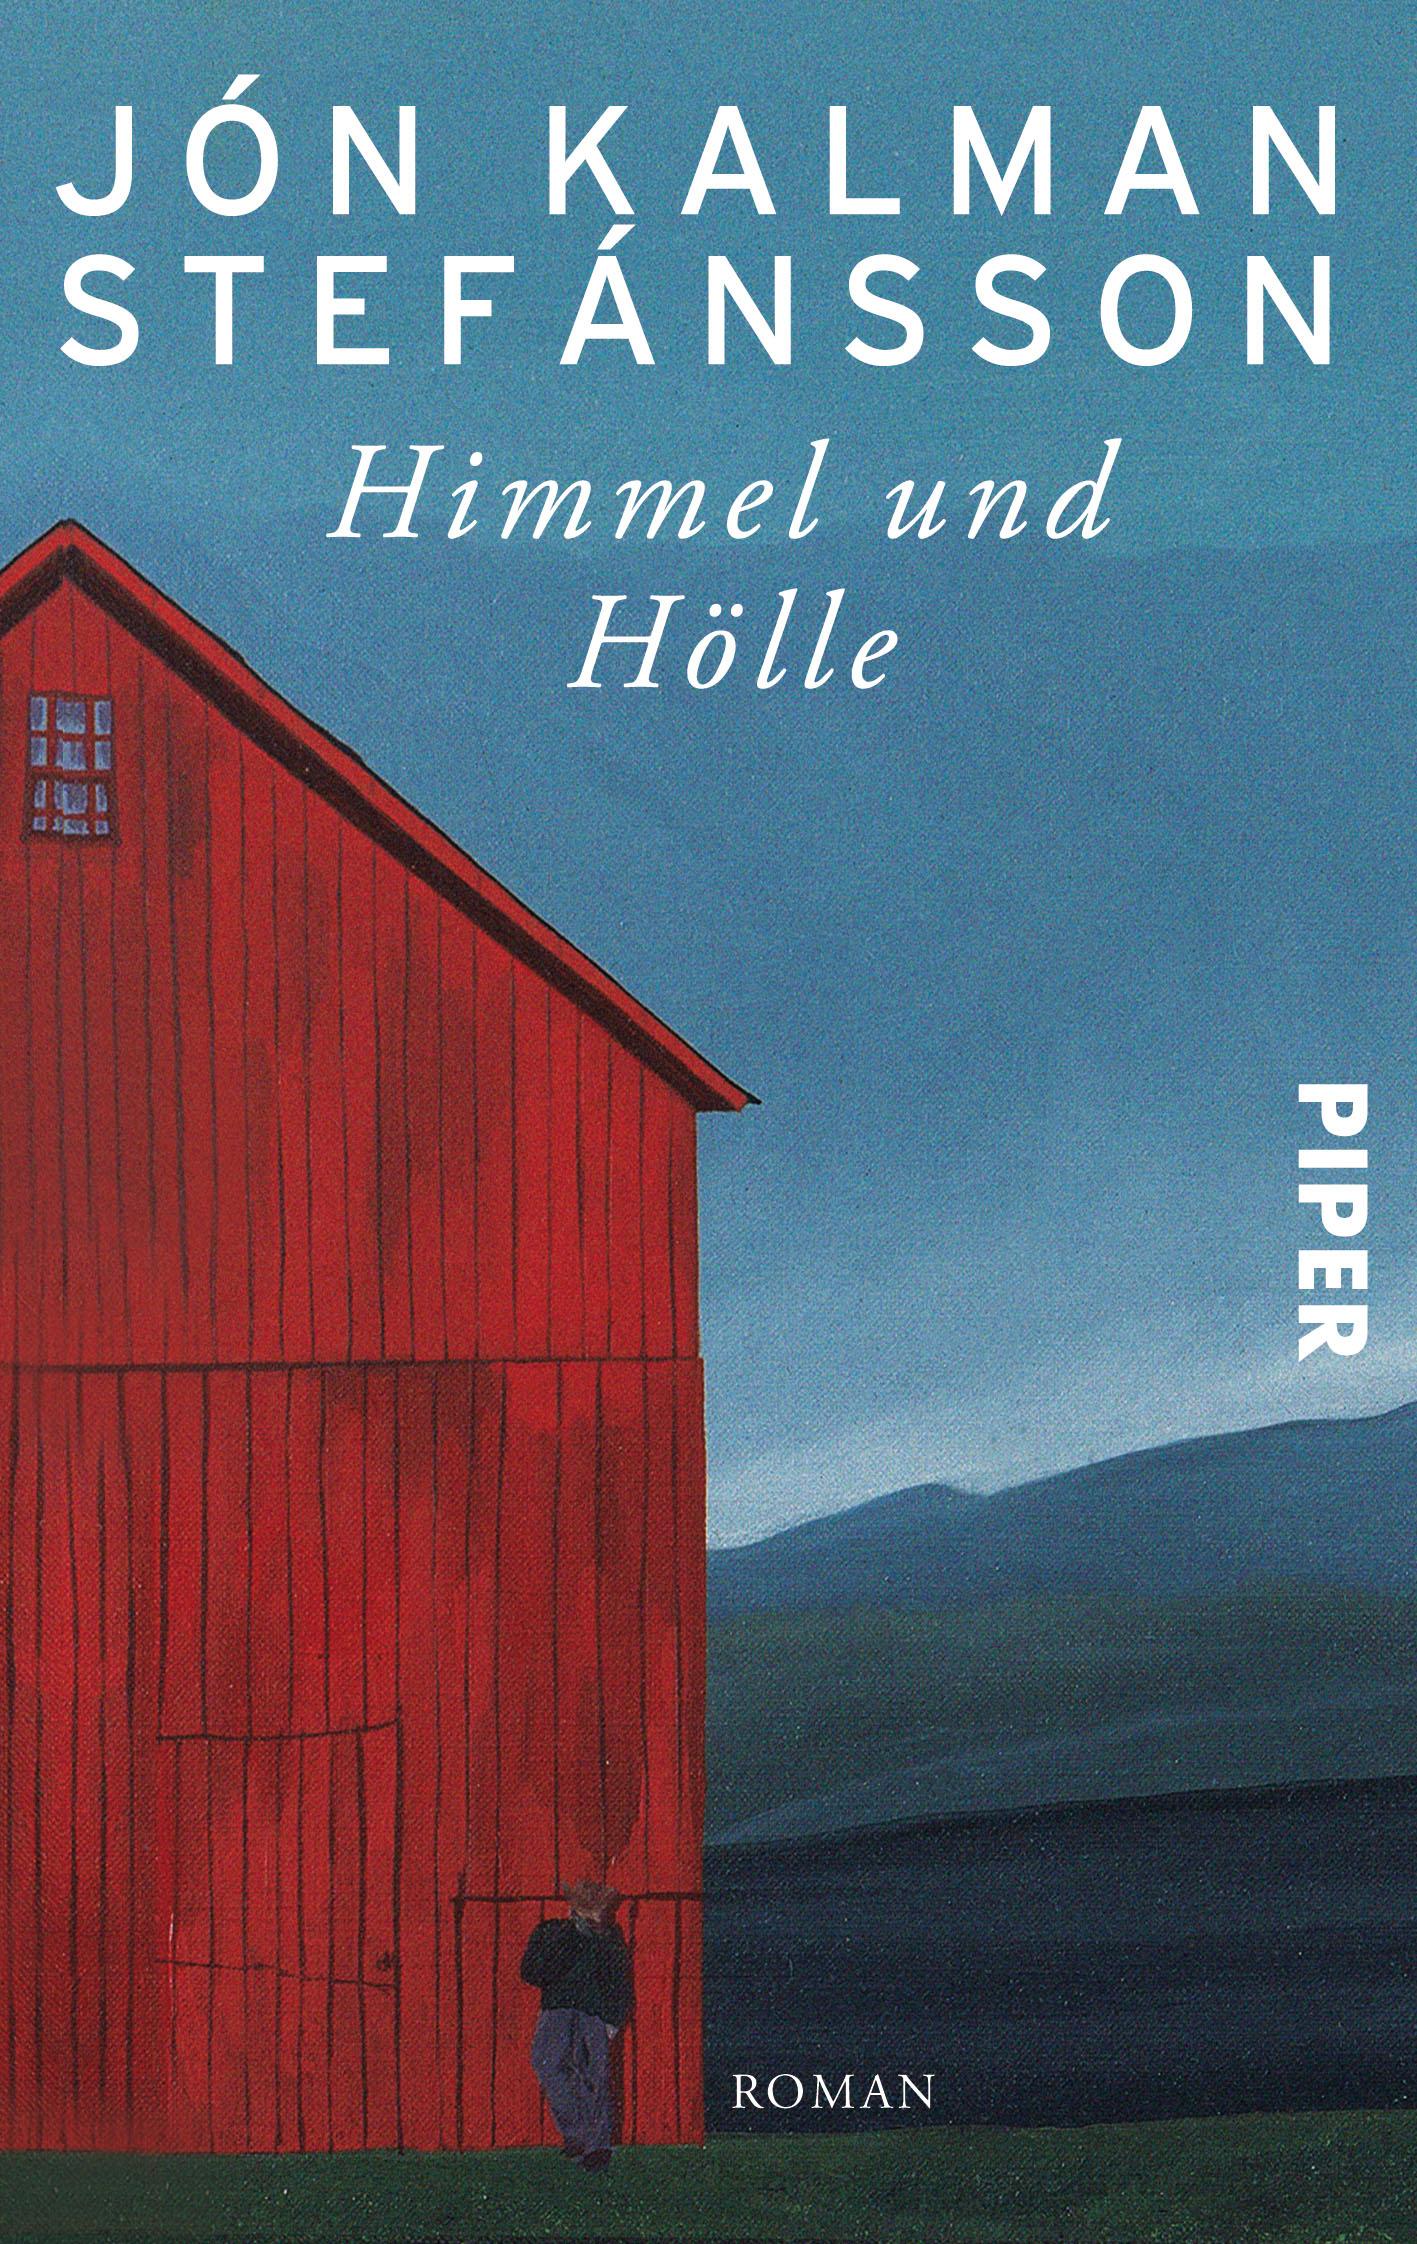 Himmel und Hölle: Roman - Jón Kalman Stefánsson